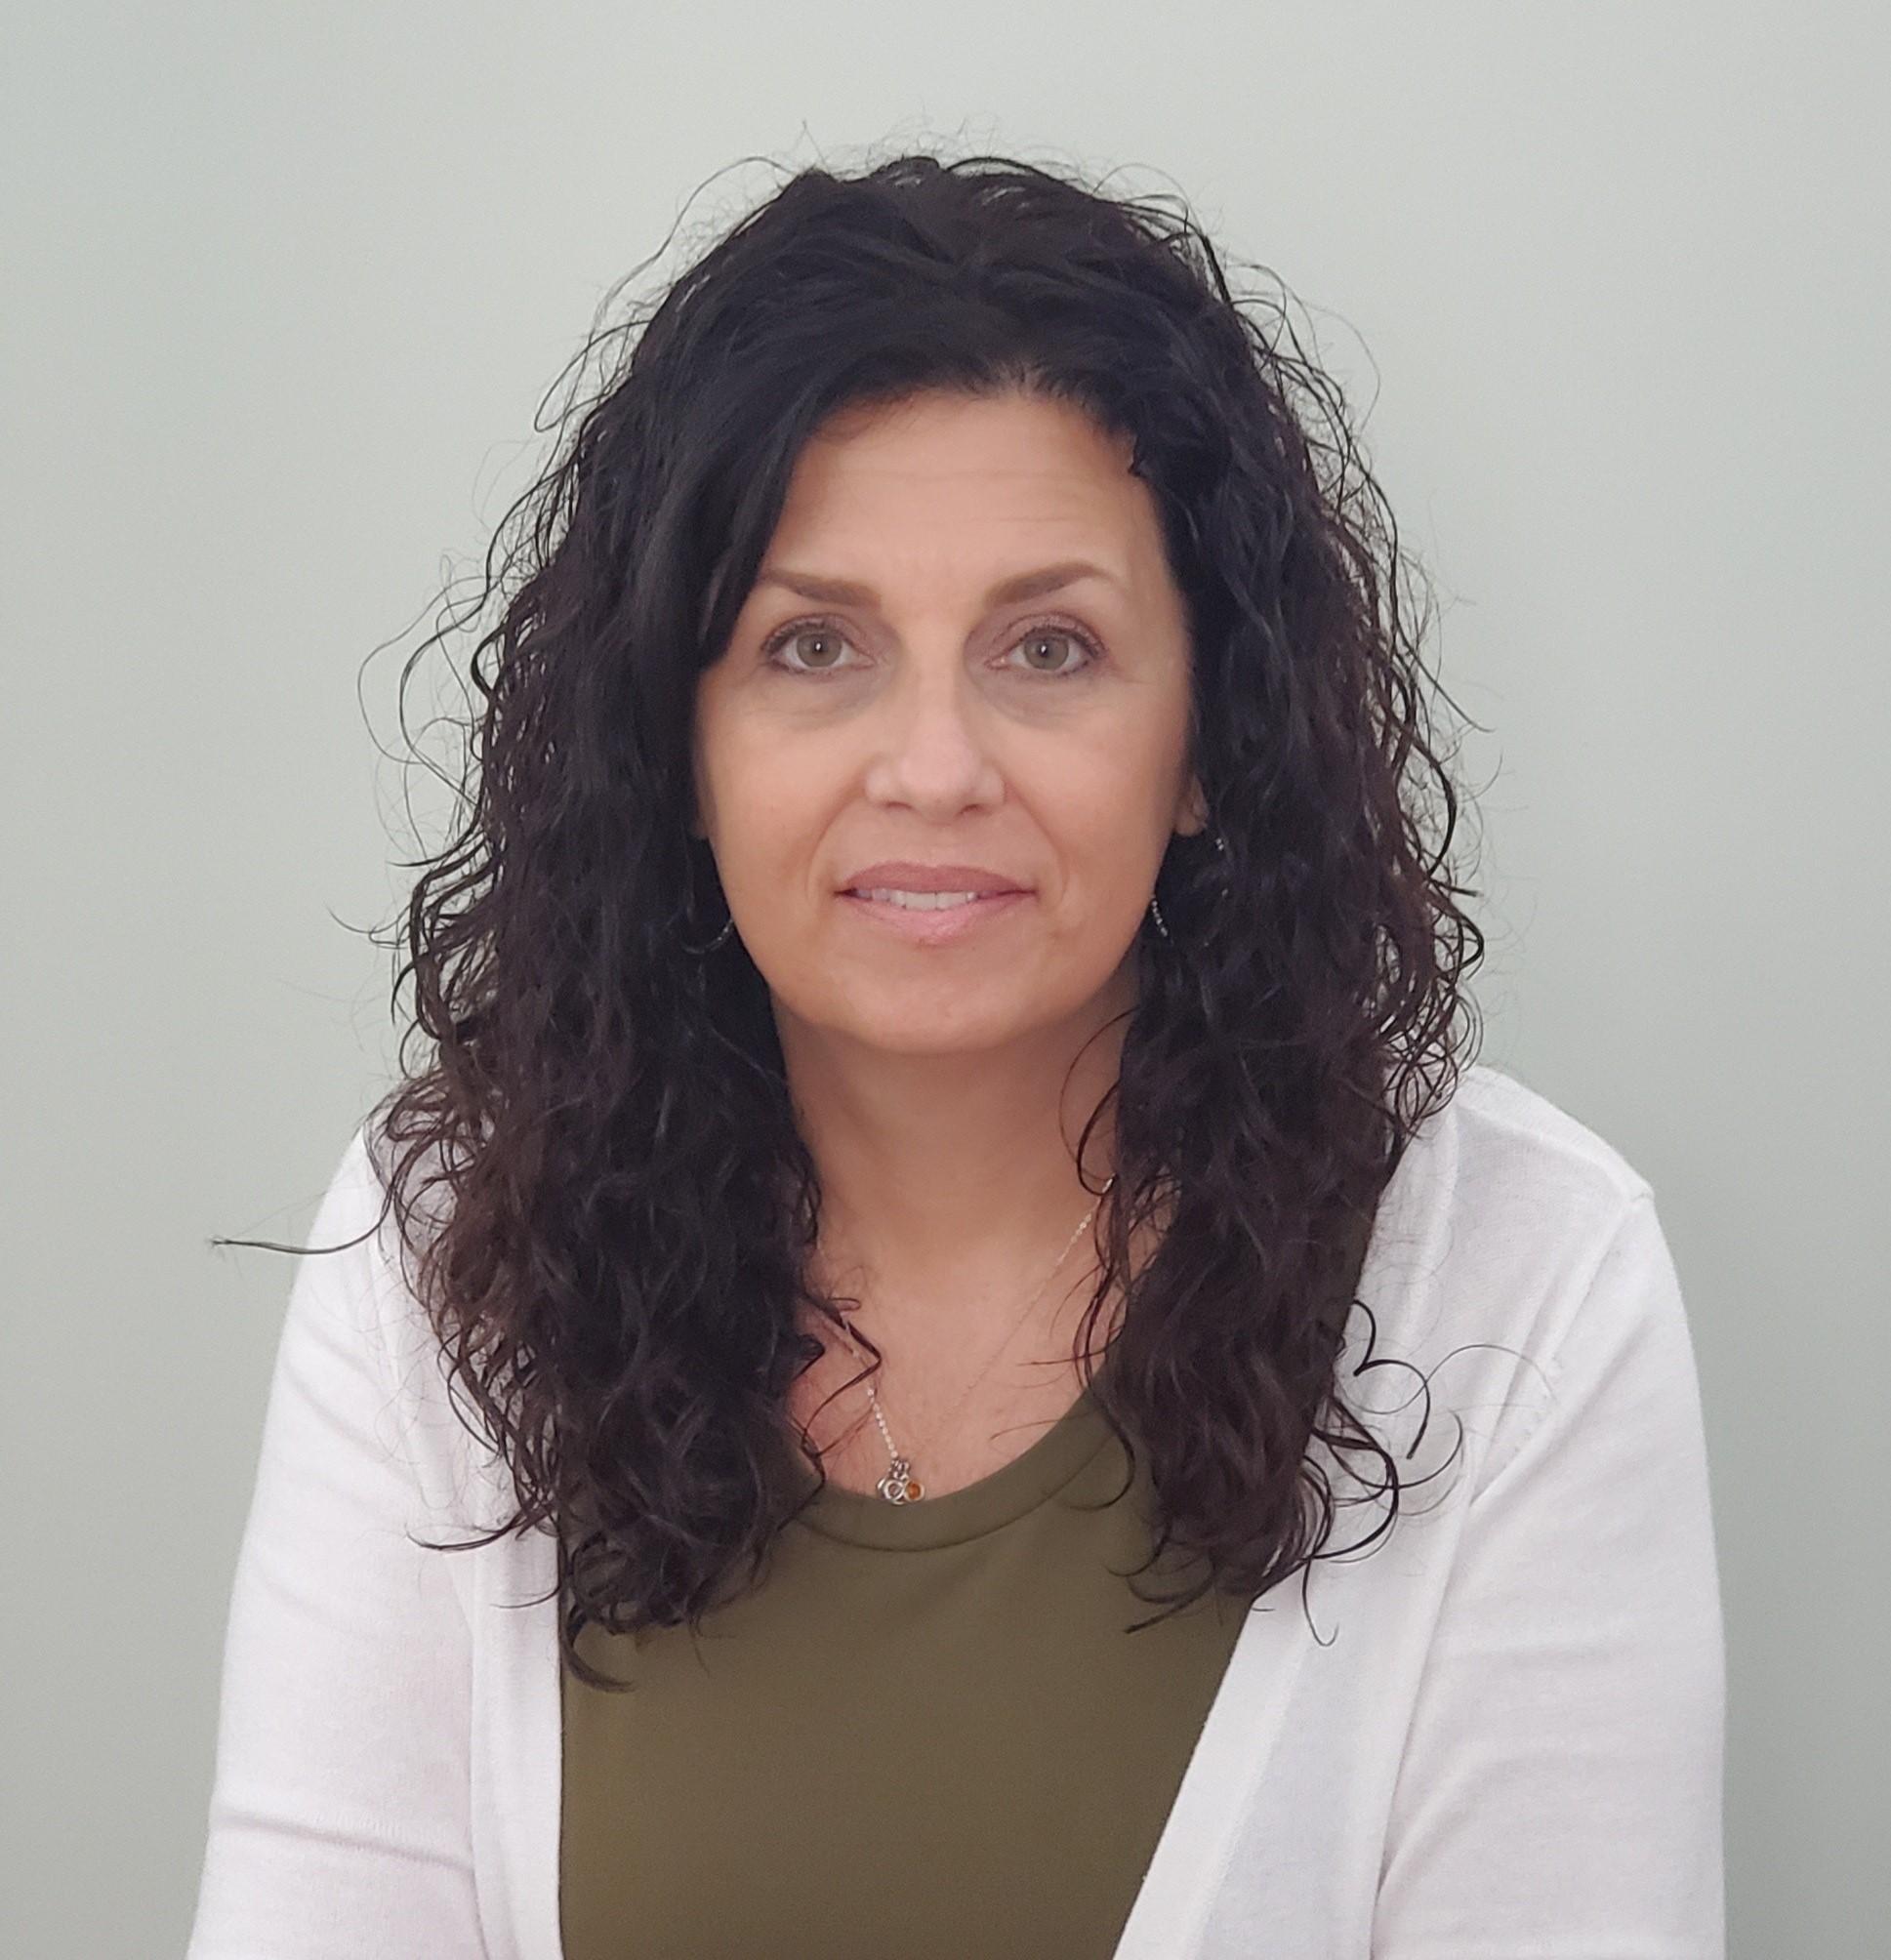 Karen Coia